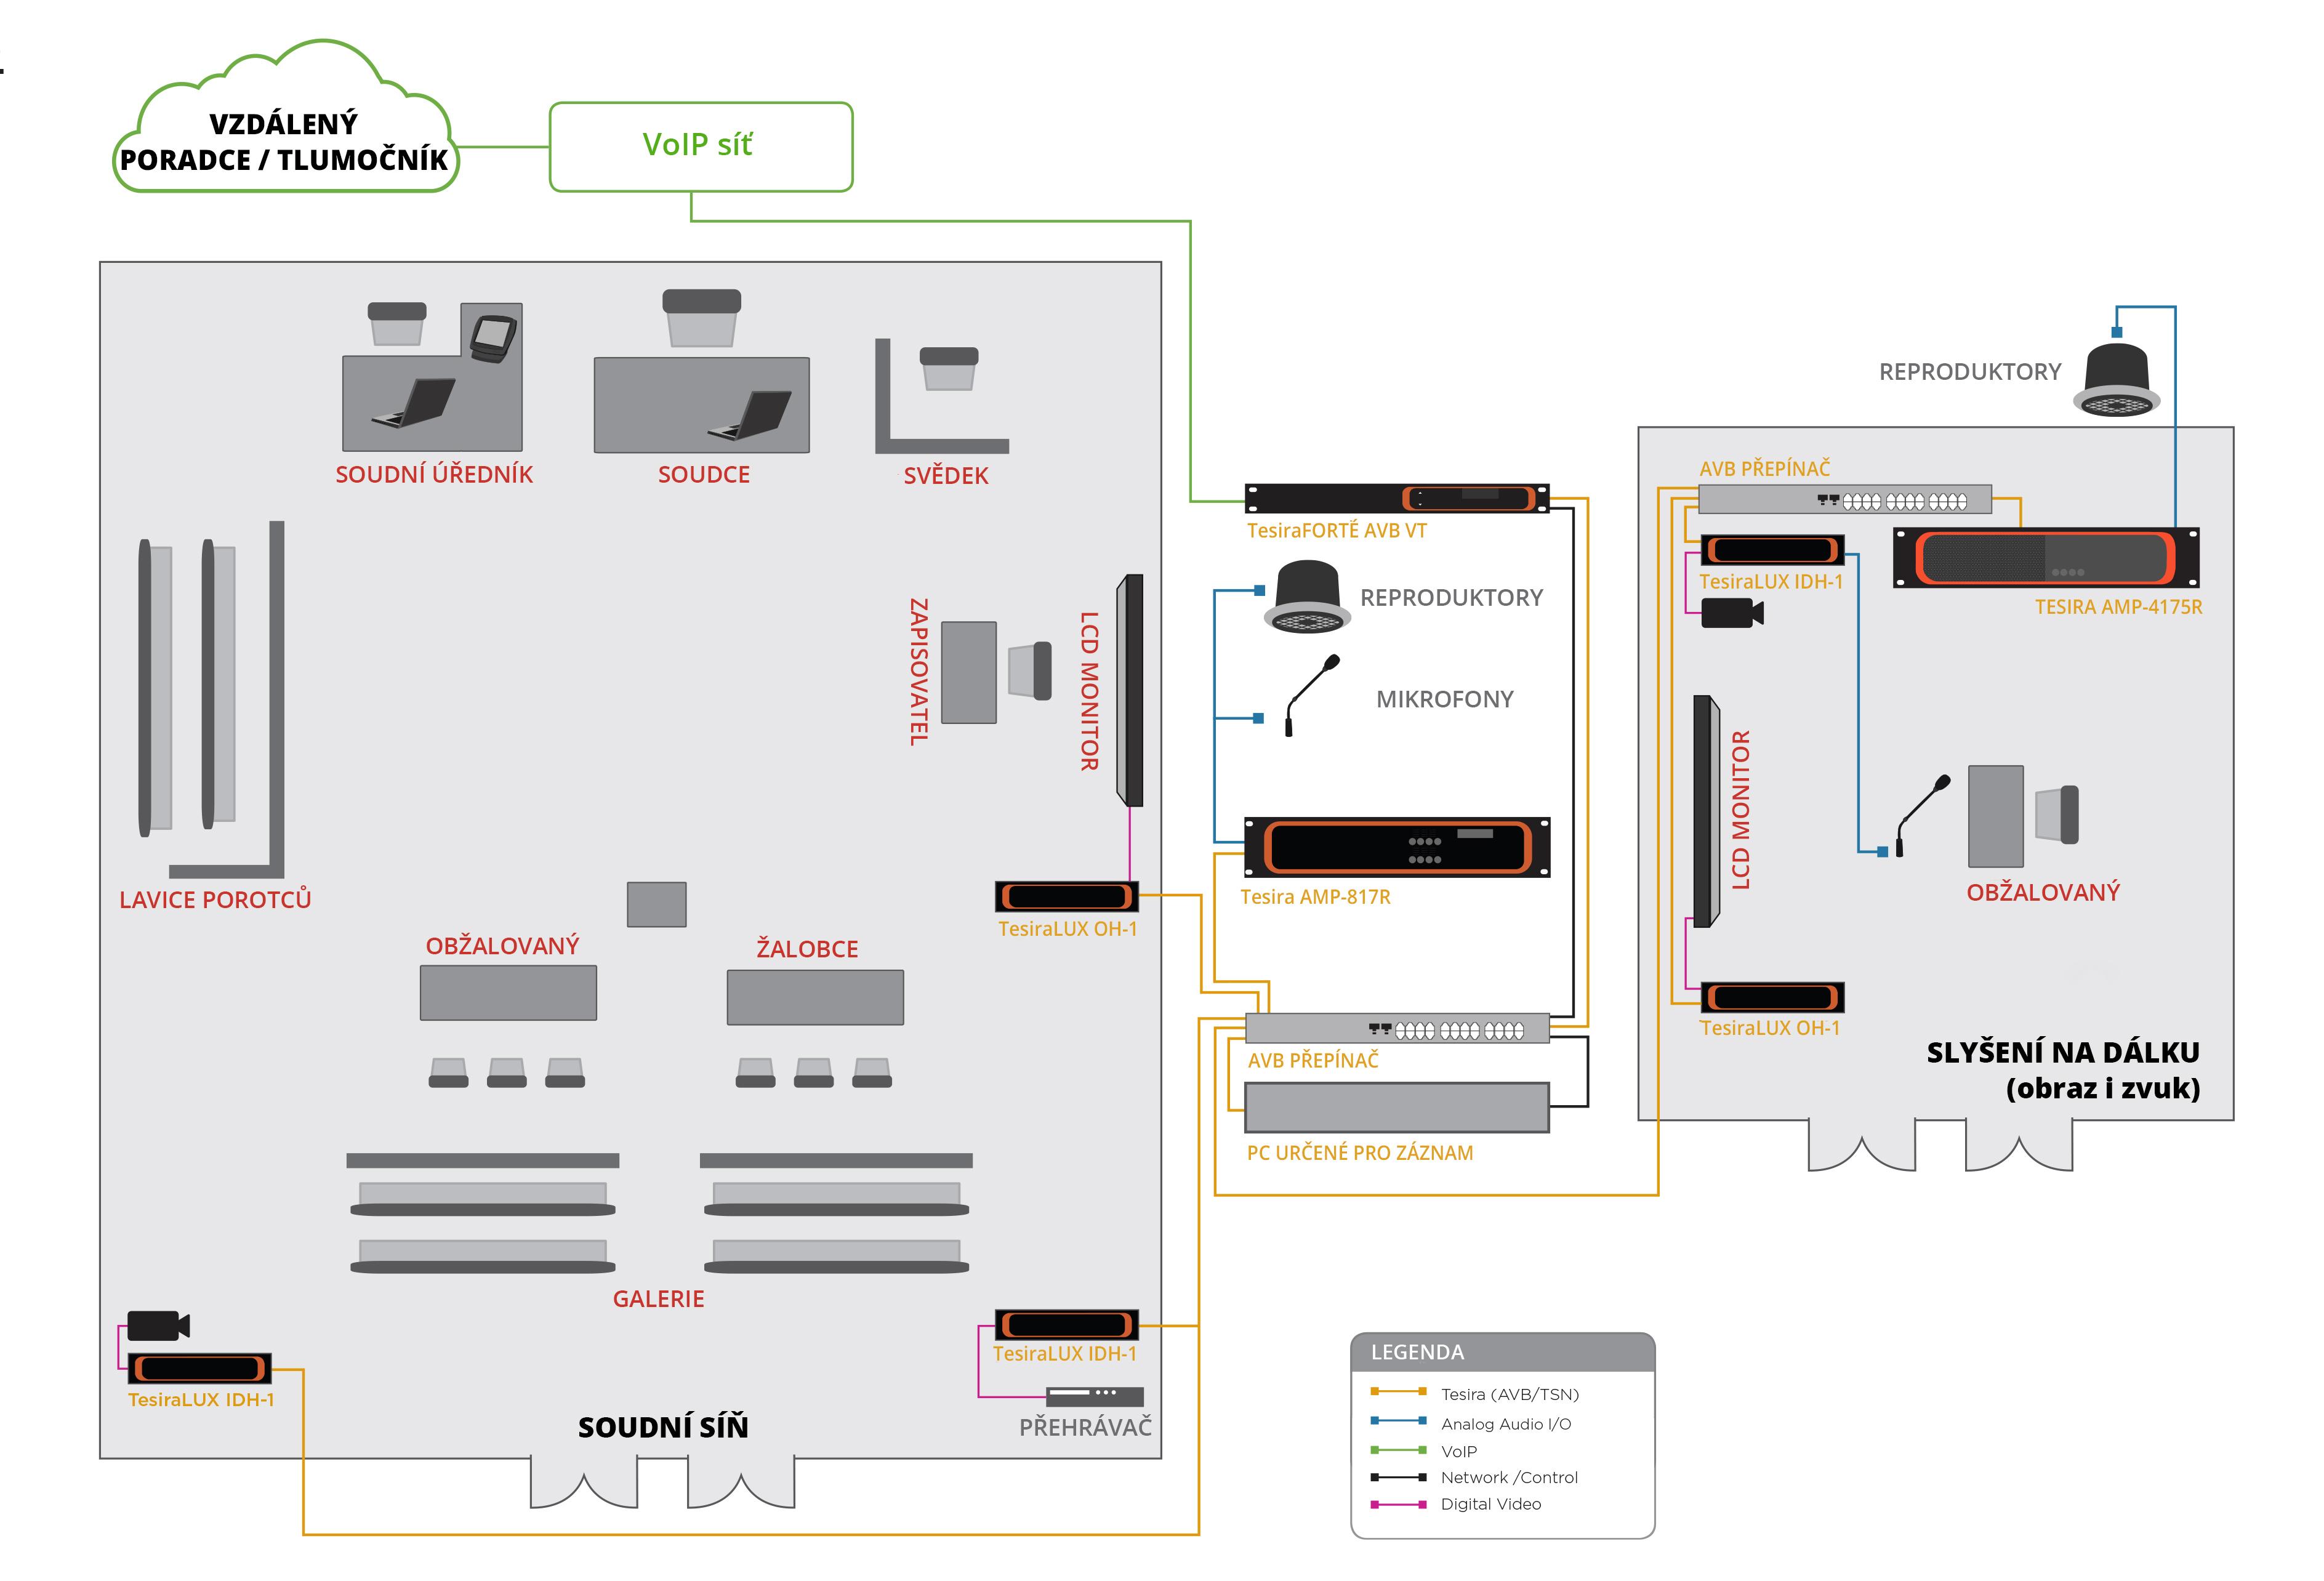 Soudní slyšení na dálku (obraz i zvuk) – produktové řešení systémů Tesira